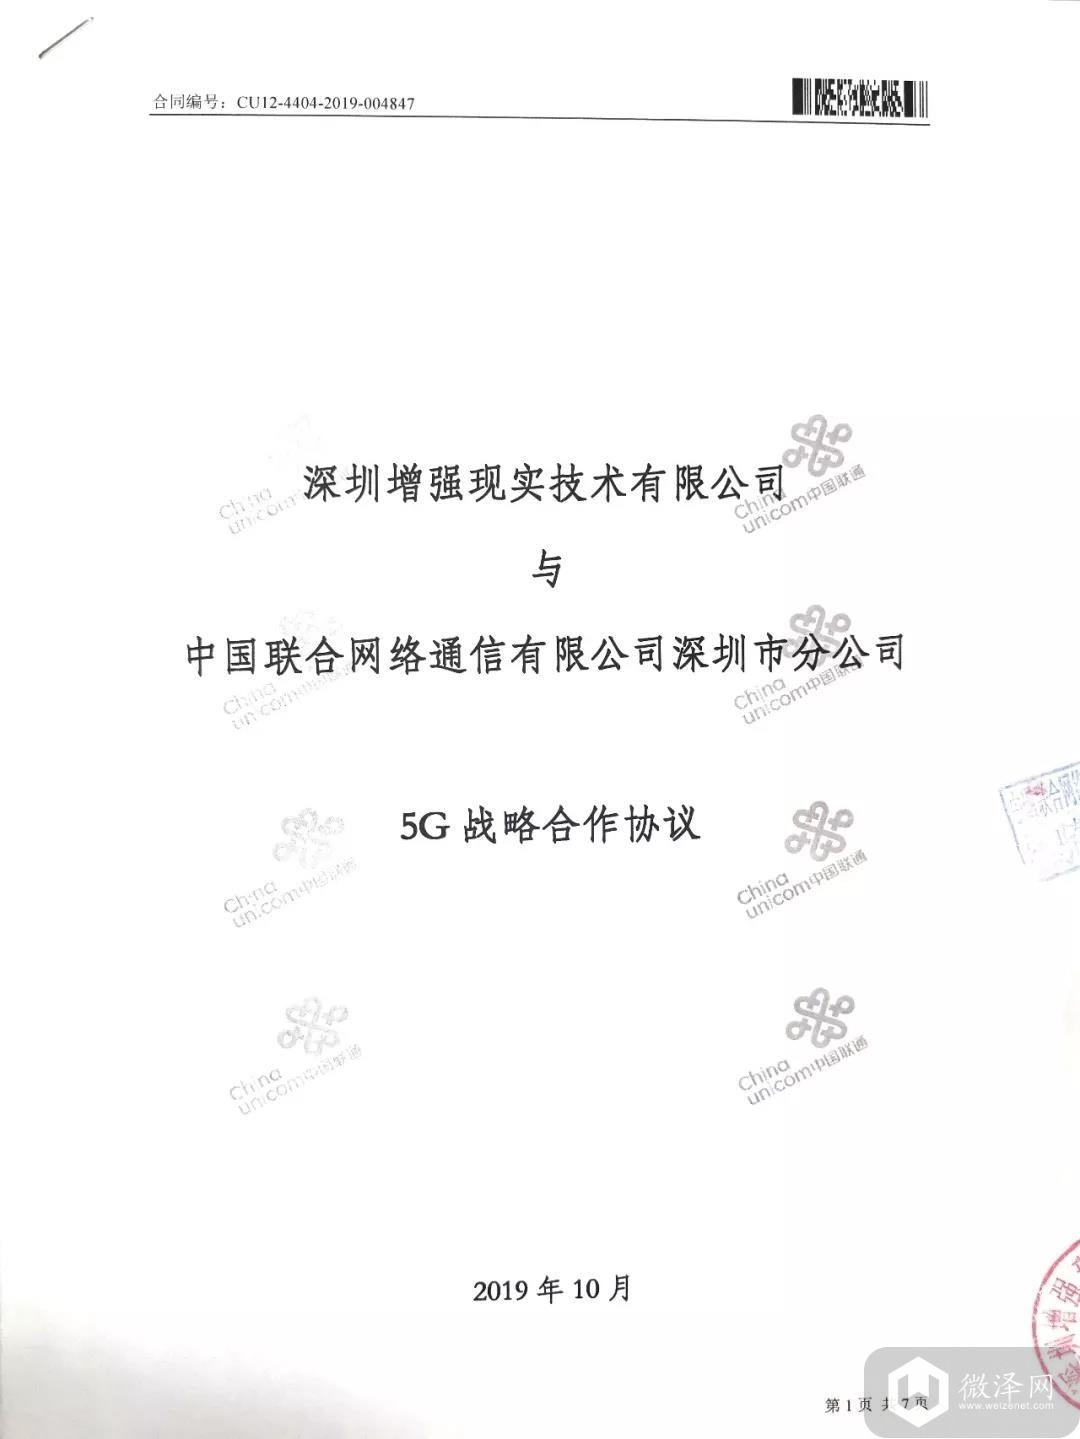 5dc91a0592f95.jpg